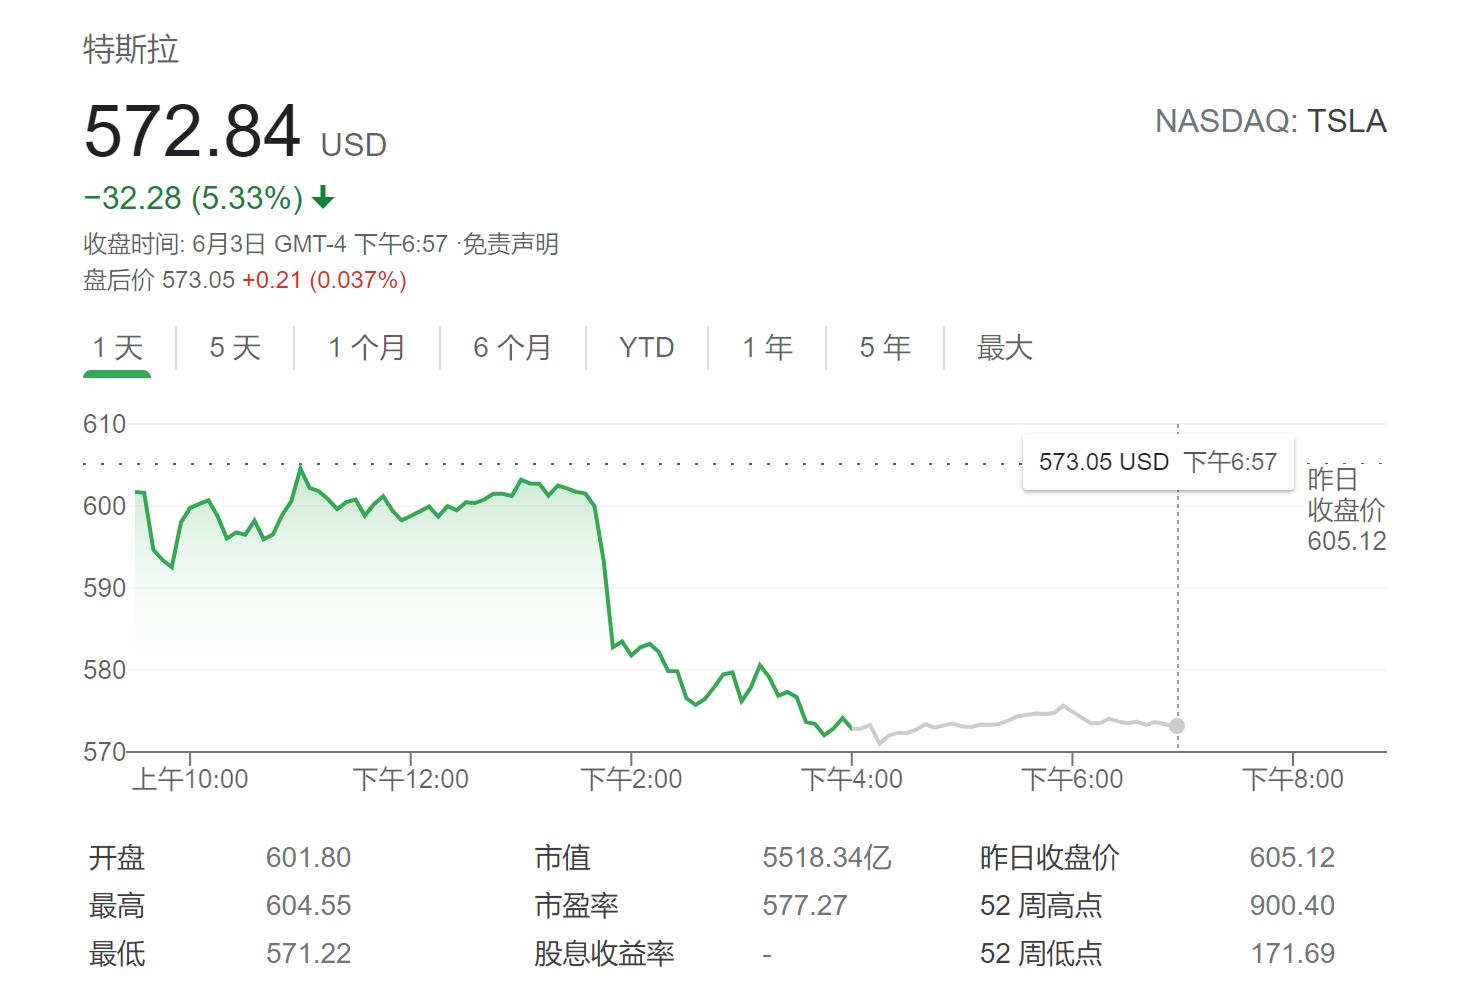 特斯拉销量下降焦虑渐升 隔夜股价大跌逾5%